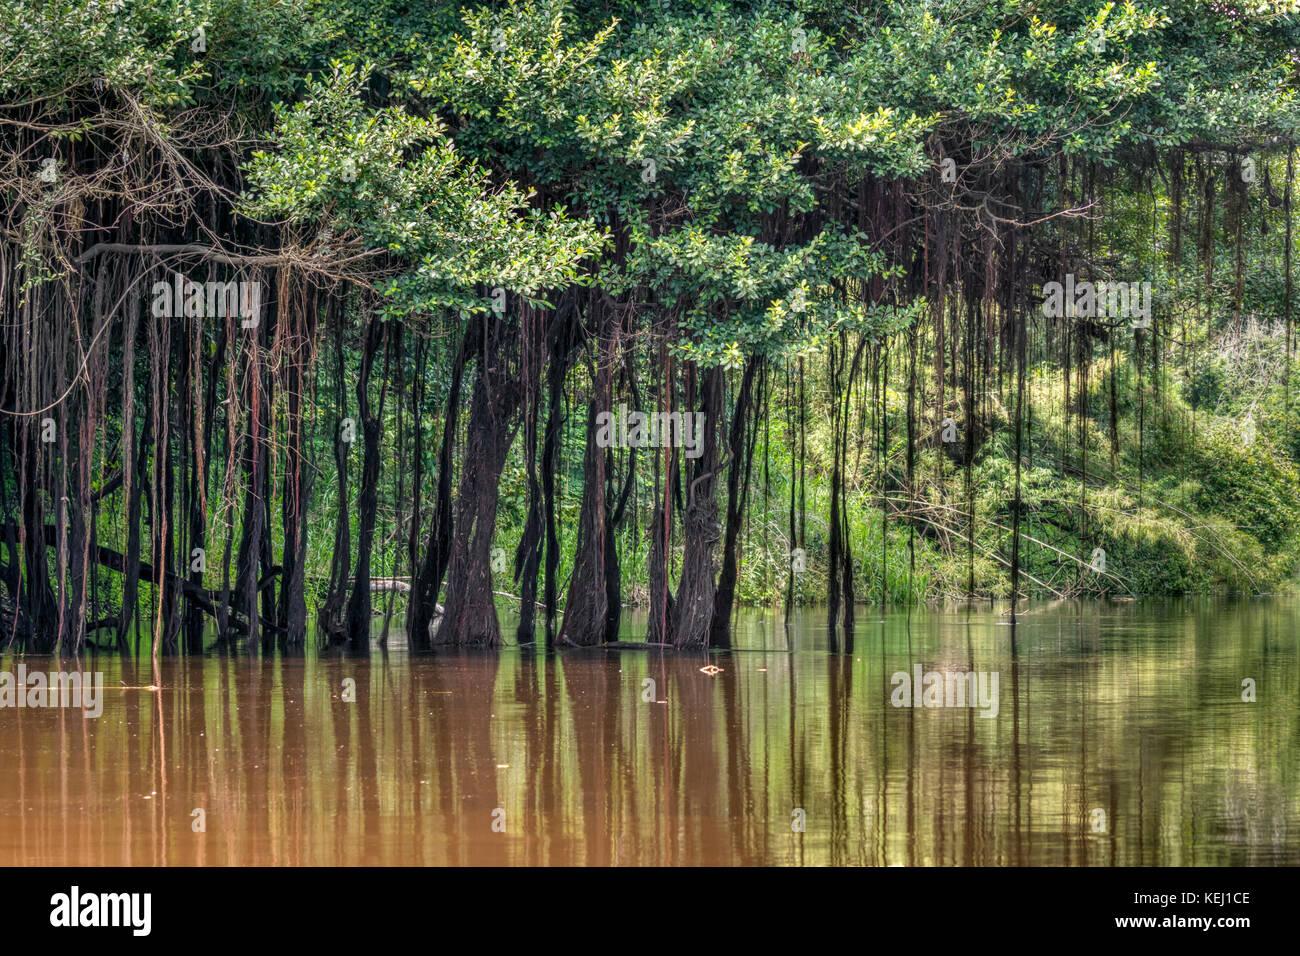 Forêt amazonienne avec des racines aériennes suspendues à des arbres, Réserve nationale de Pacaya Photo Stock